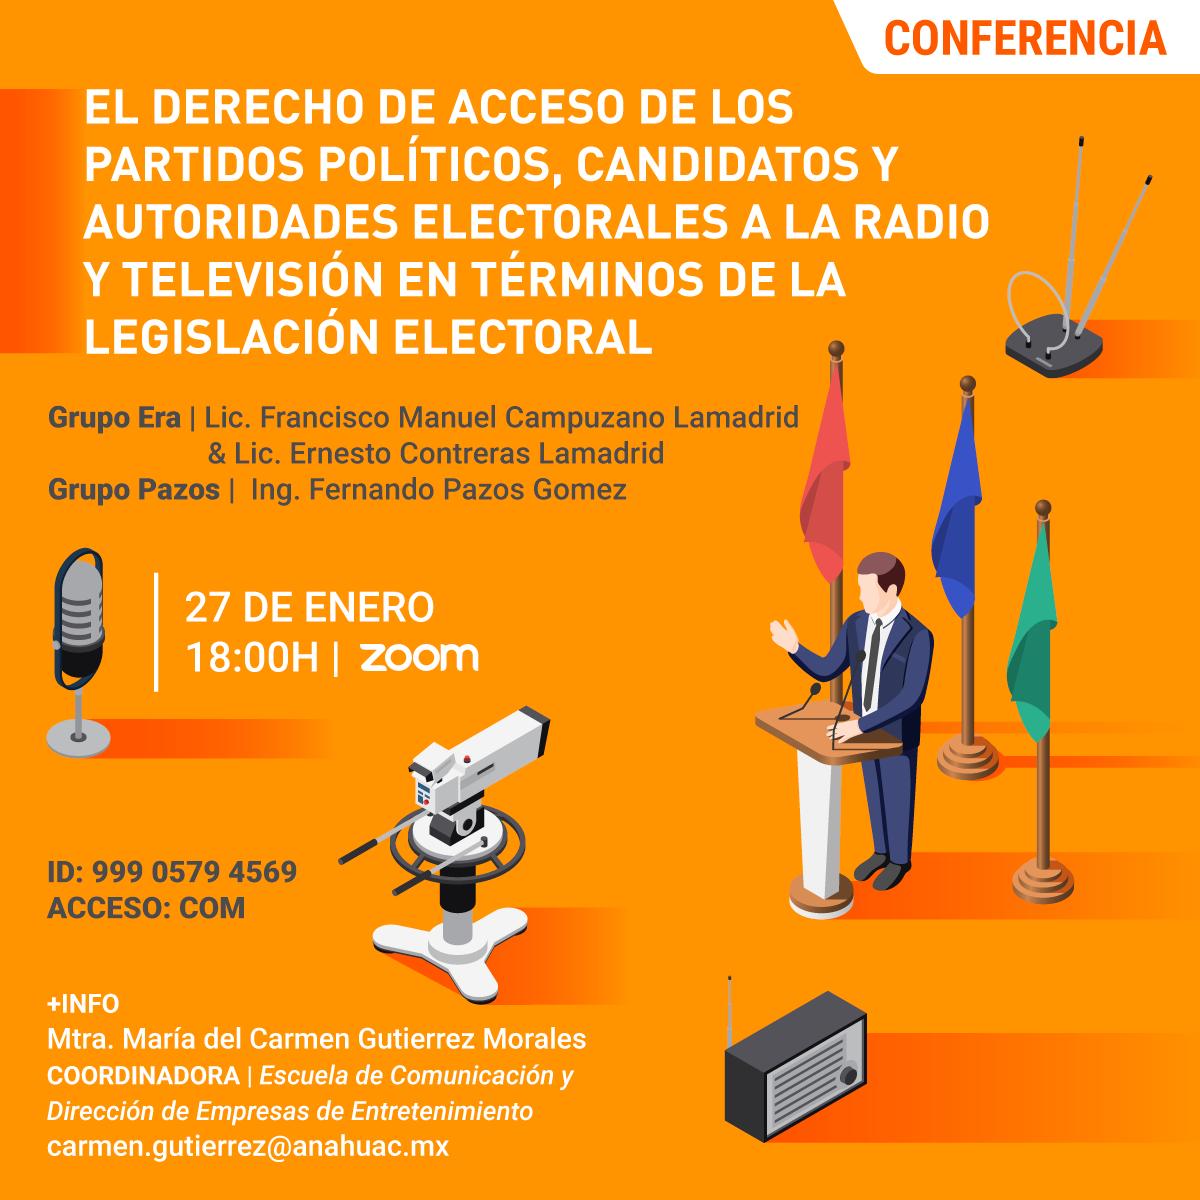 El Derecho de Acceso de los Partidos Políticos, Candidatos y Autoridades Electorales a la Radio y Televisión en Términos de la Legislación Electoral